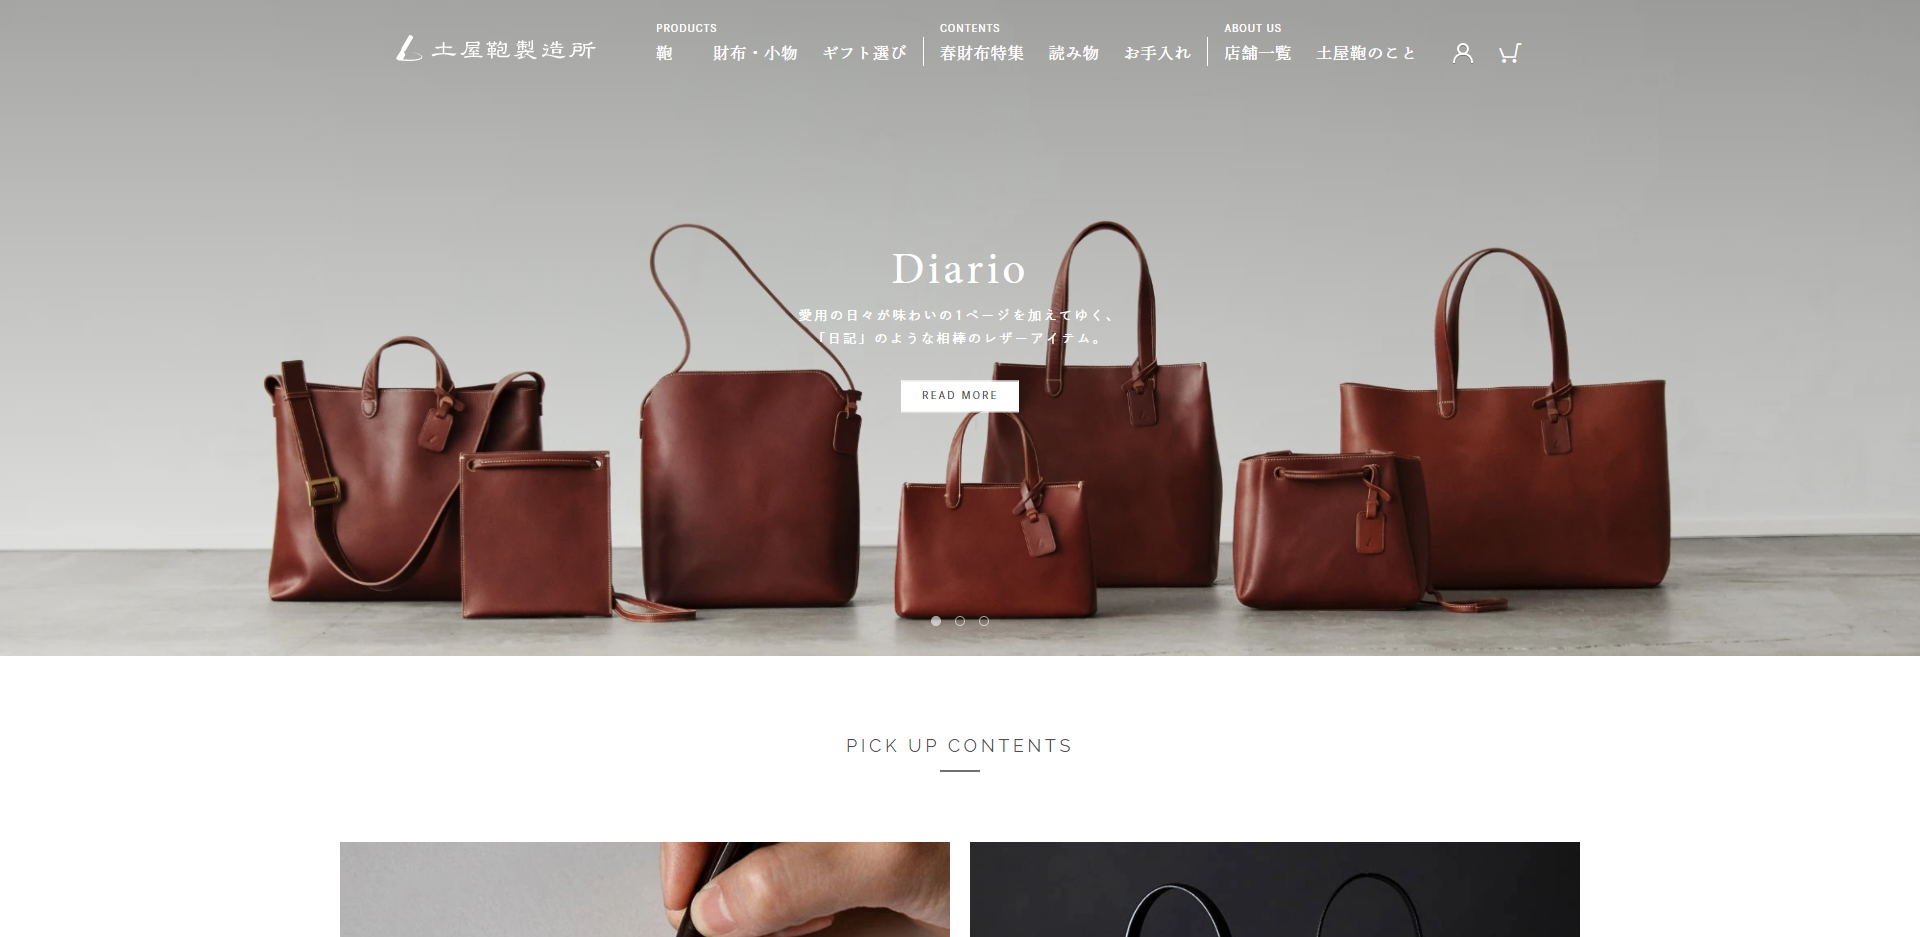 土屋鞄製造所 shopify